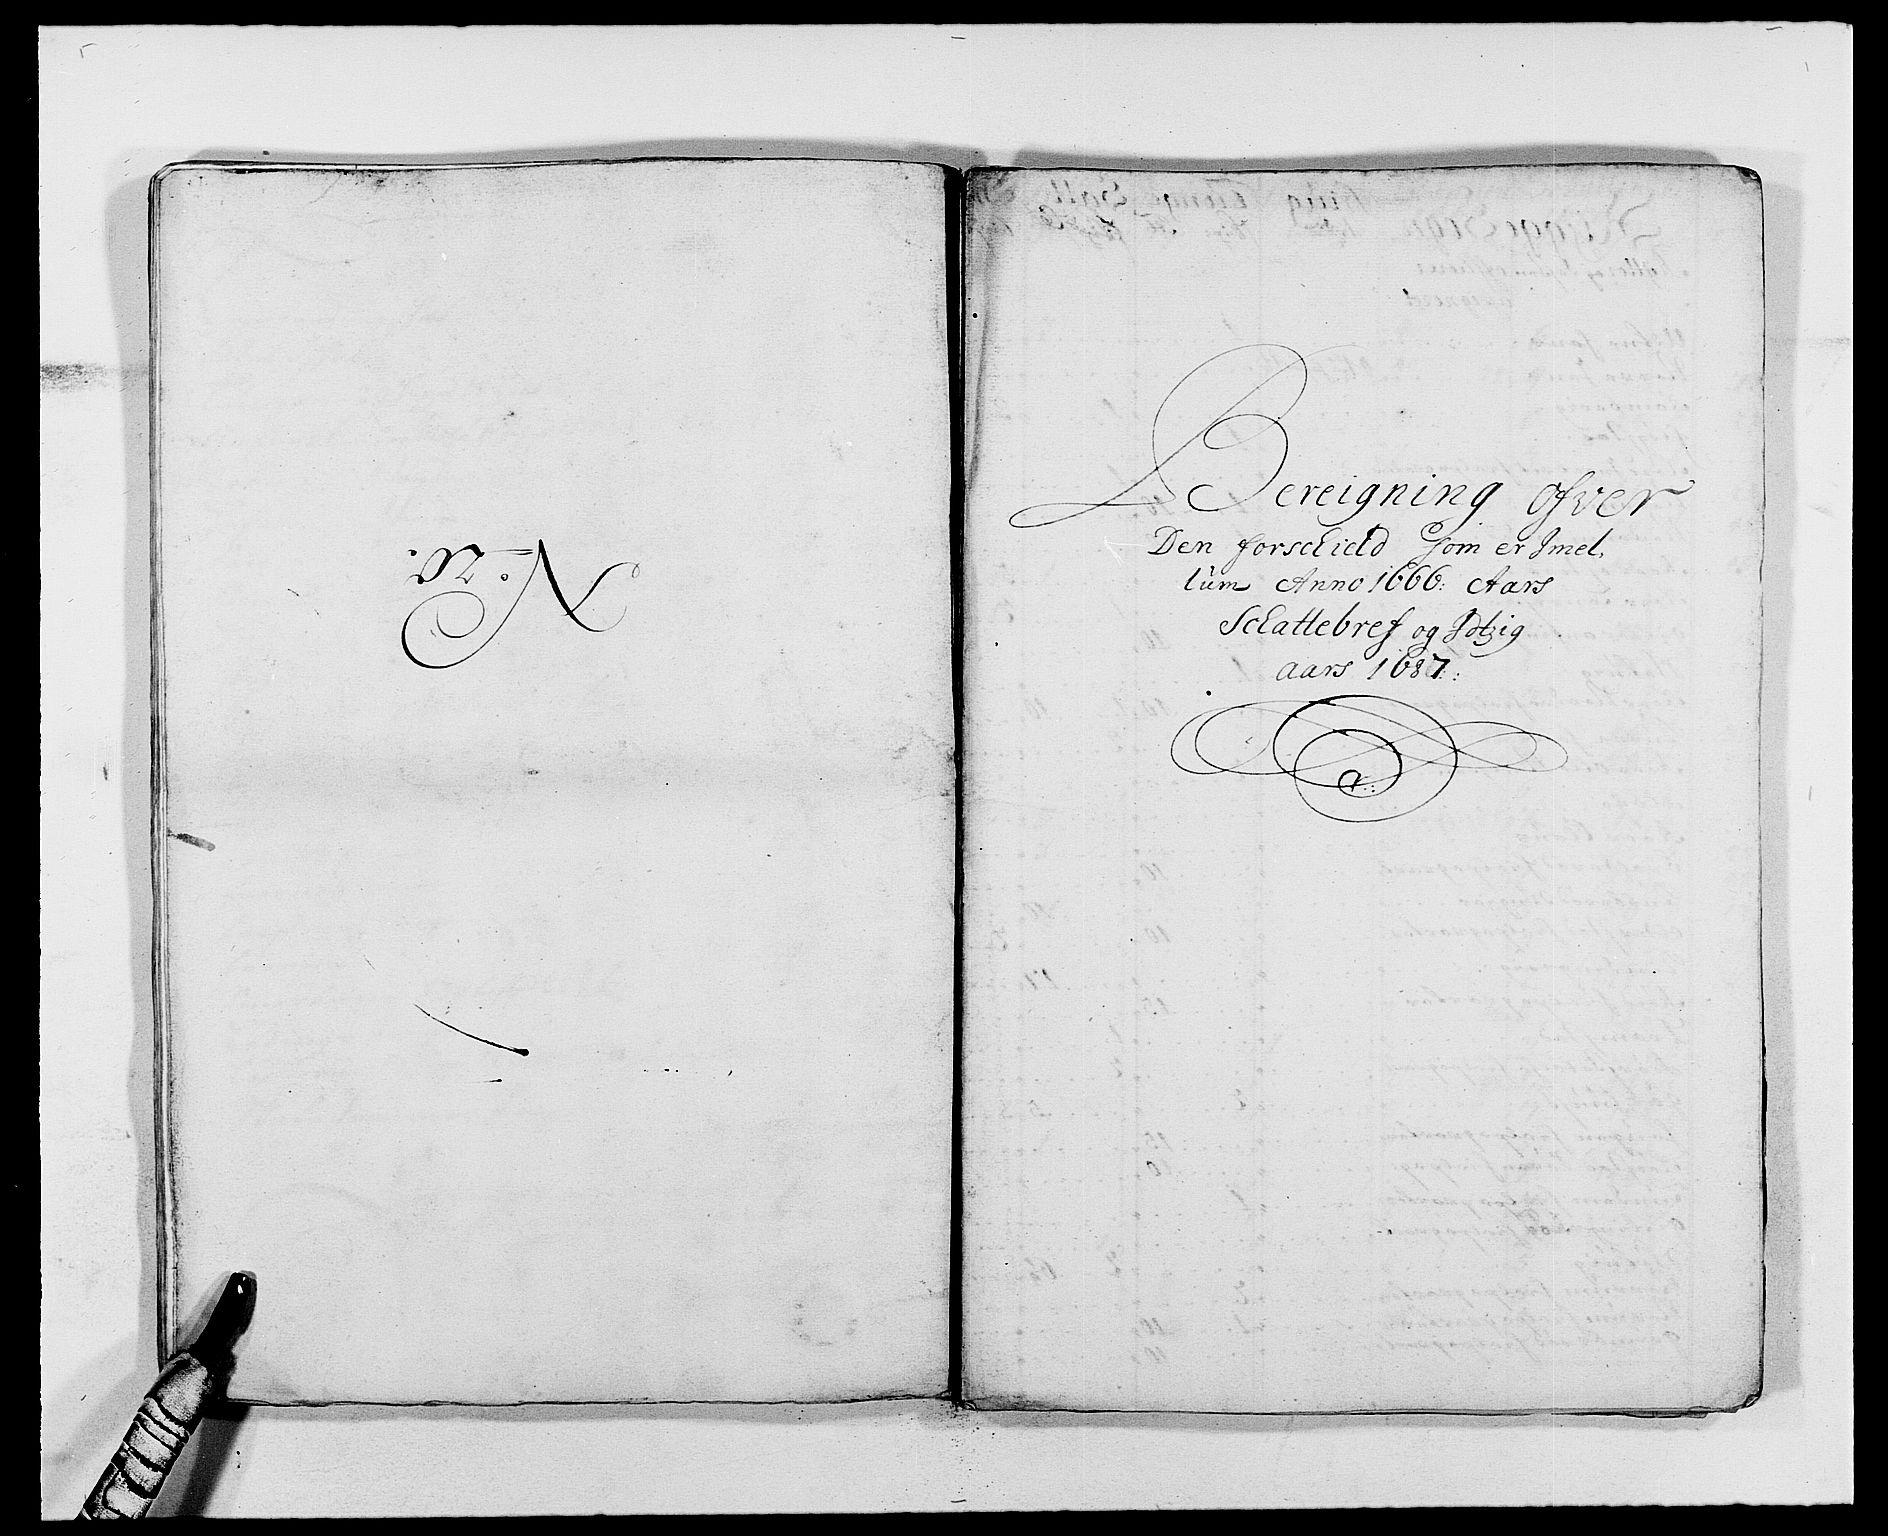 RA, Rentekammeret inntil 1814, Reviderte regnskaper, Fogderegnskap, R02/L0107: Fogderegnskap Moss og Verne kloster, 1685-1691, s. 171